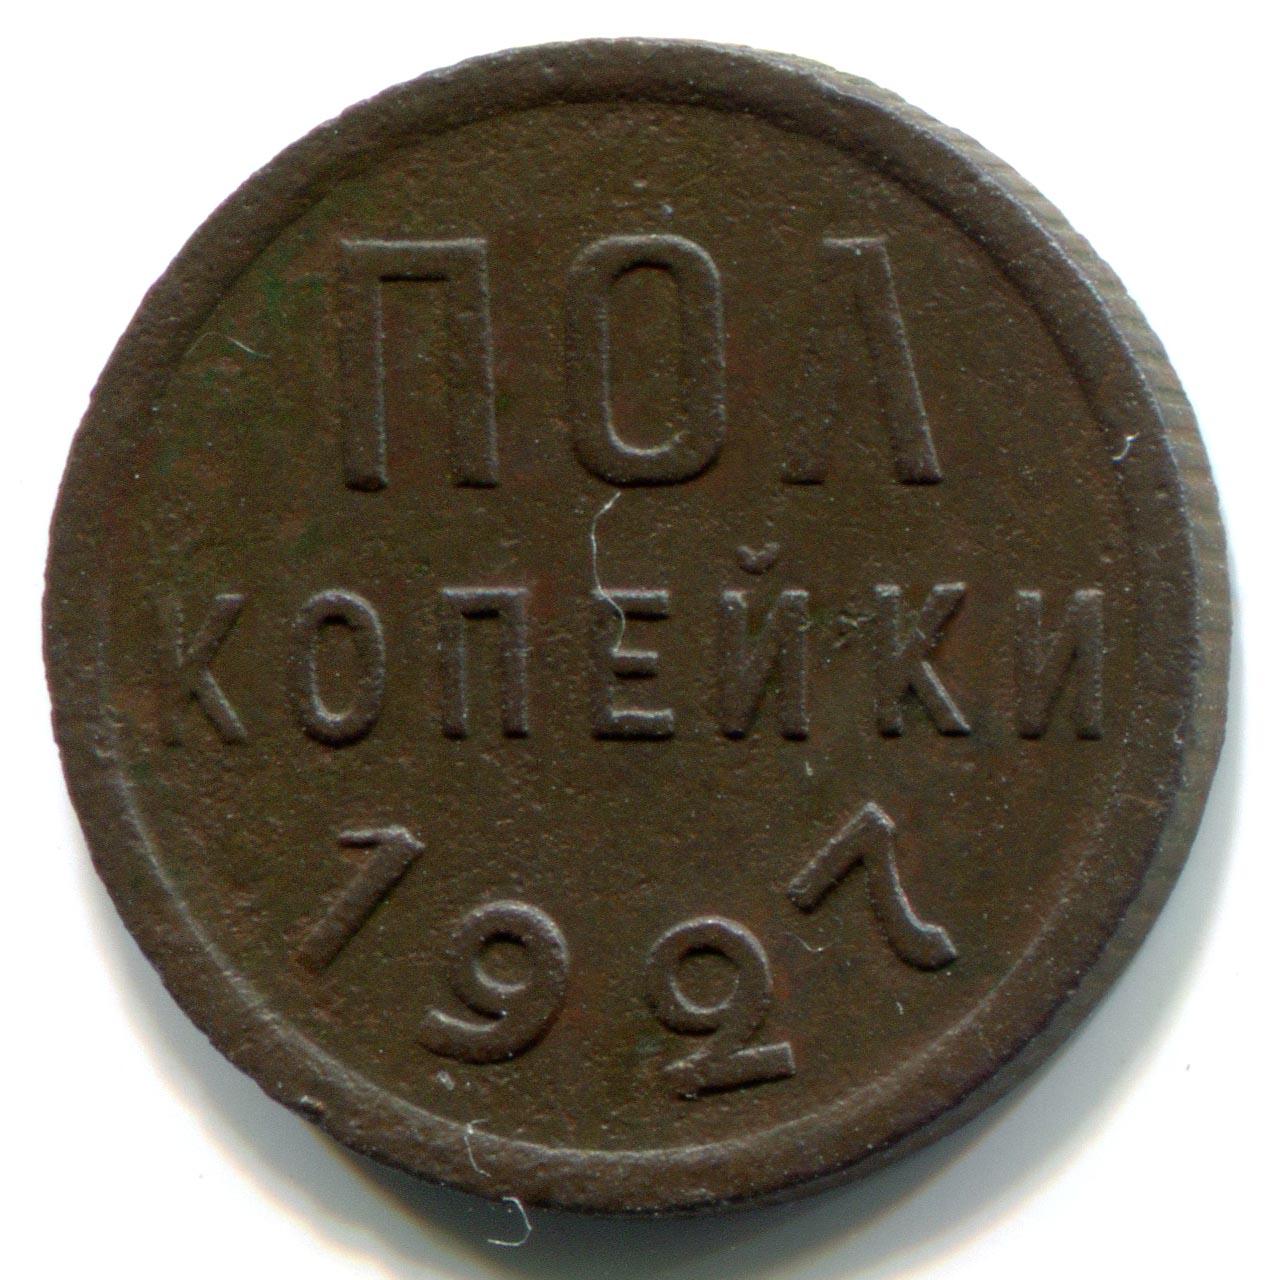 Полкопейки купить как почистить серебряную монету в домашних